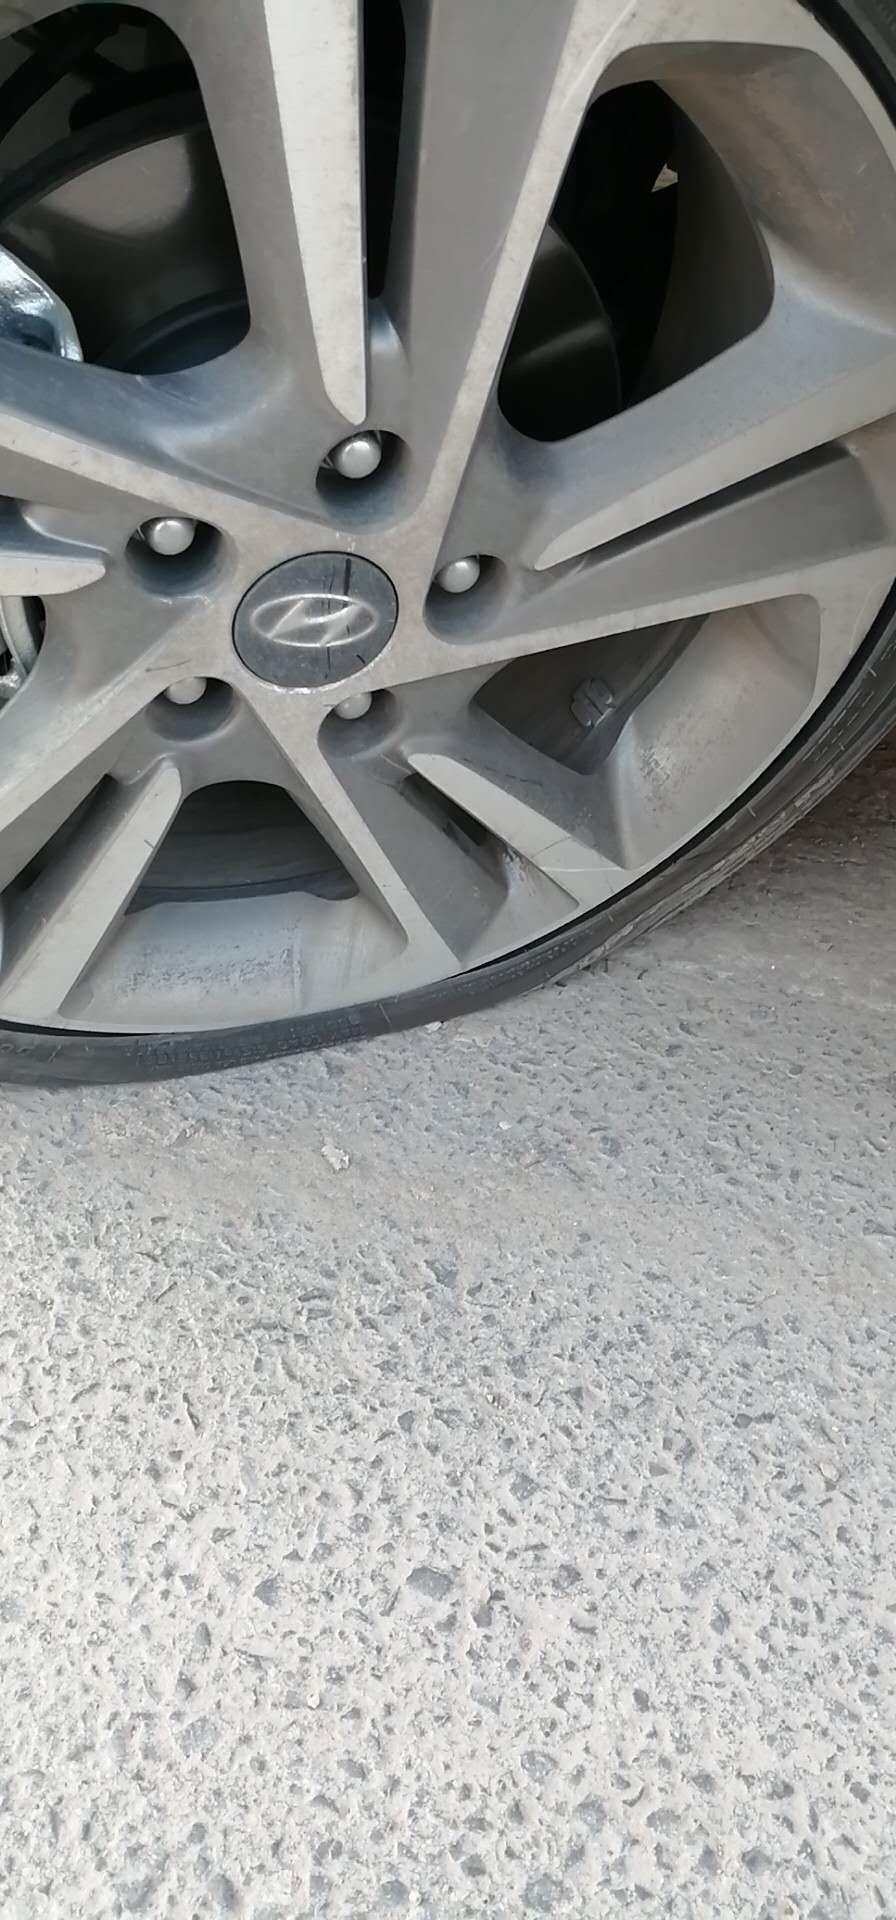 北京现代-领动 轮胎问题